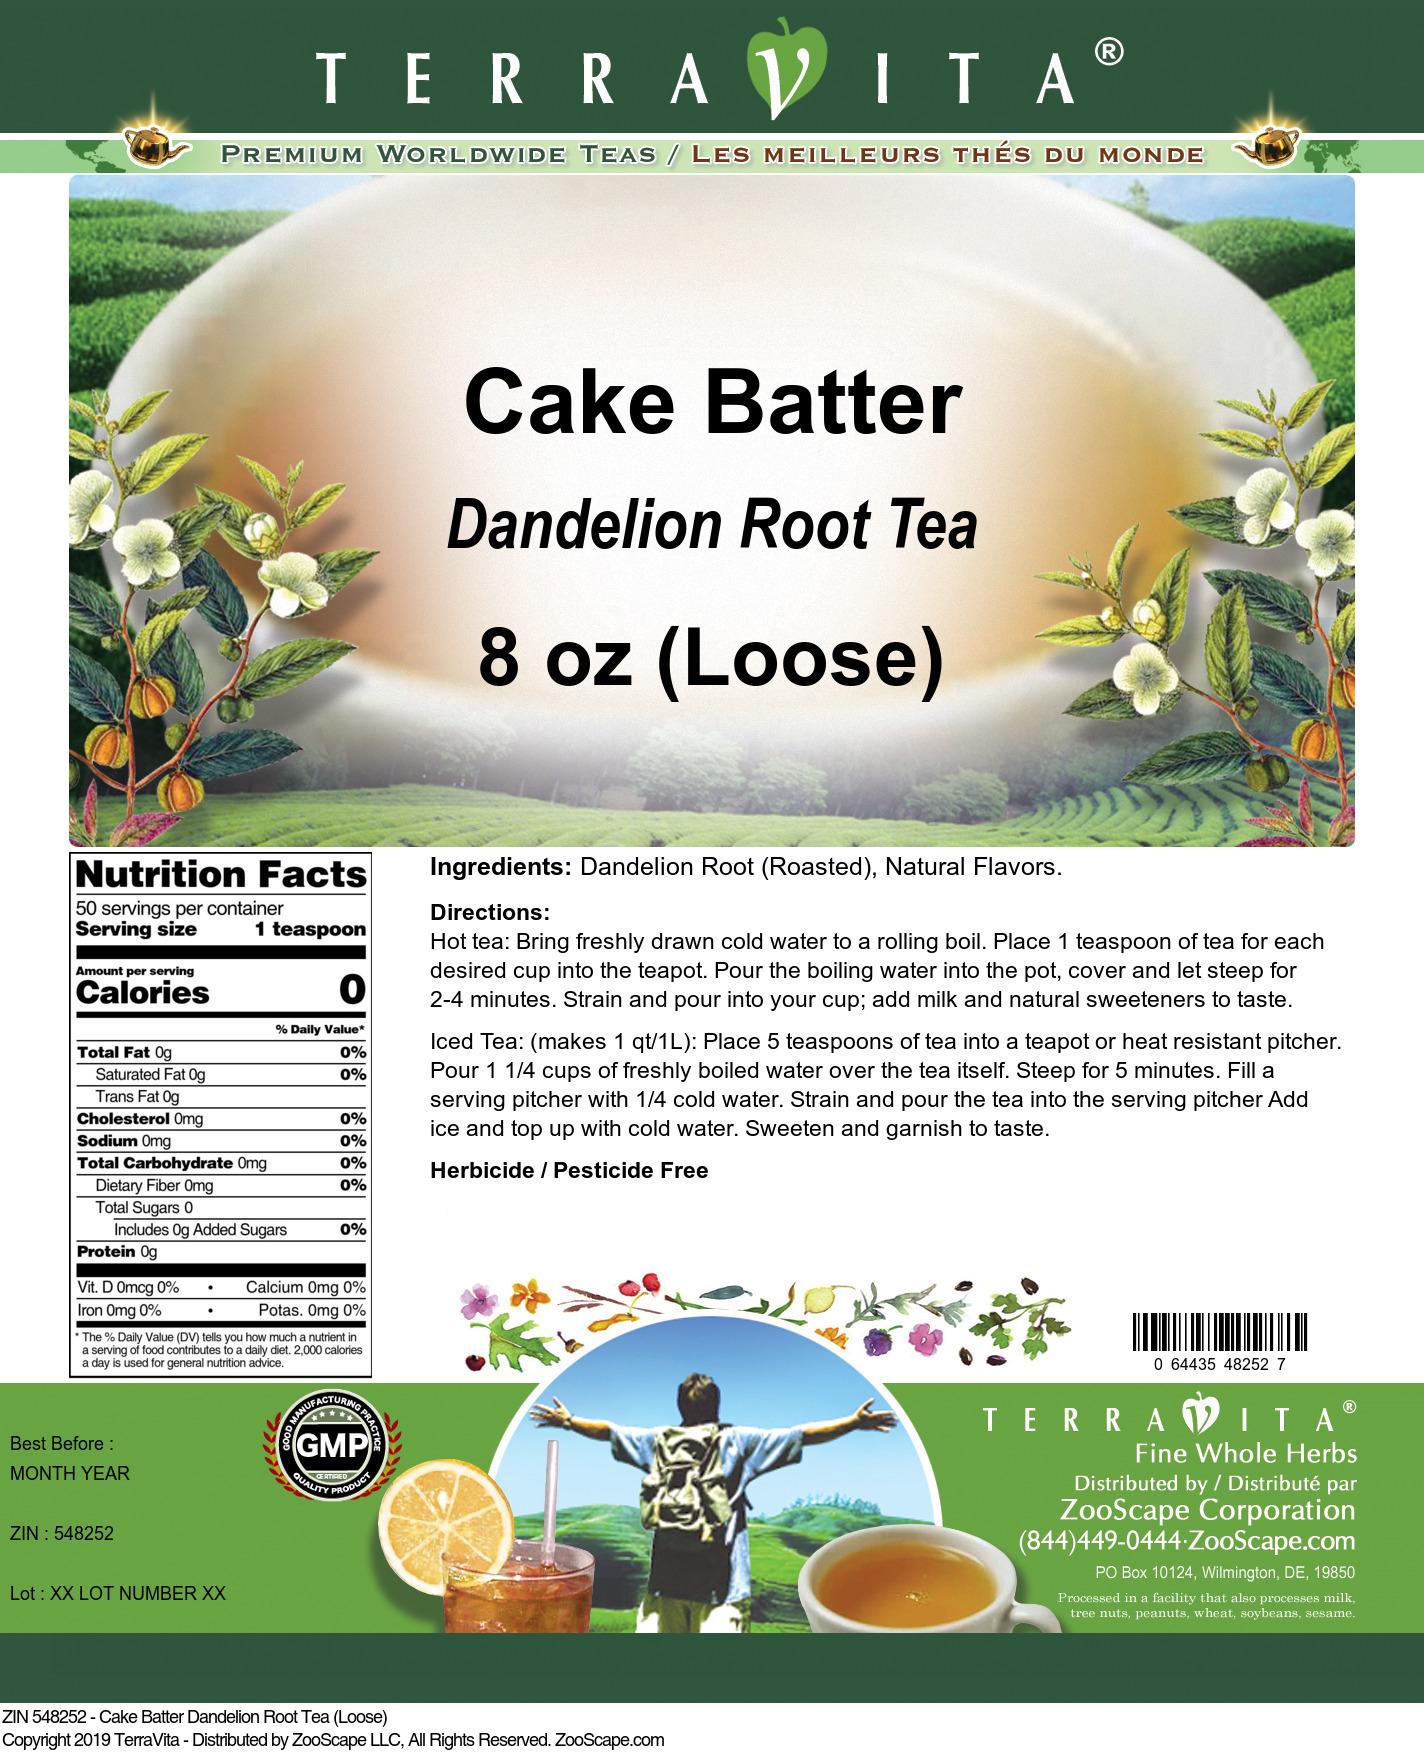 Cake Batter Dandelion Root